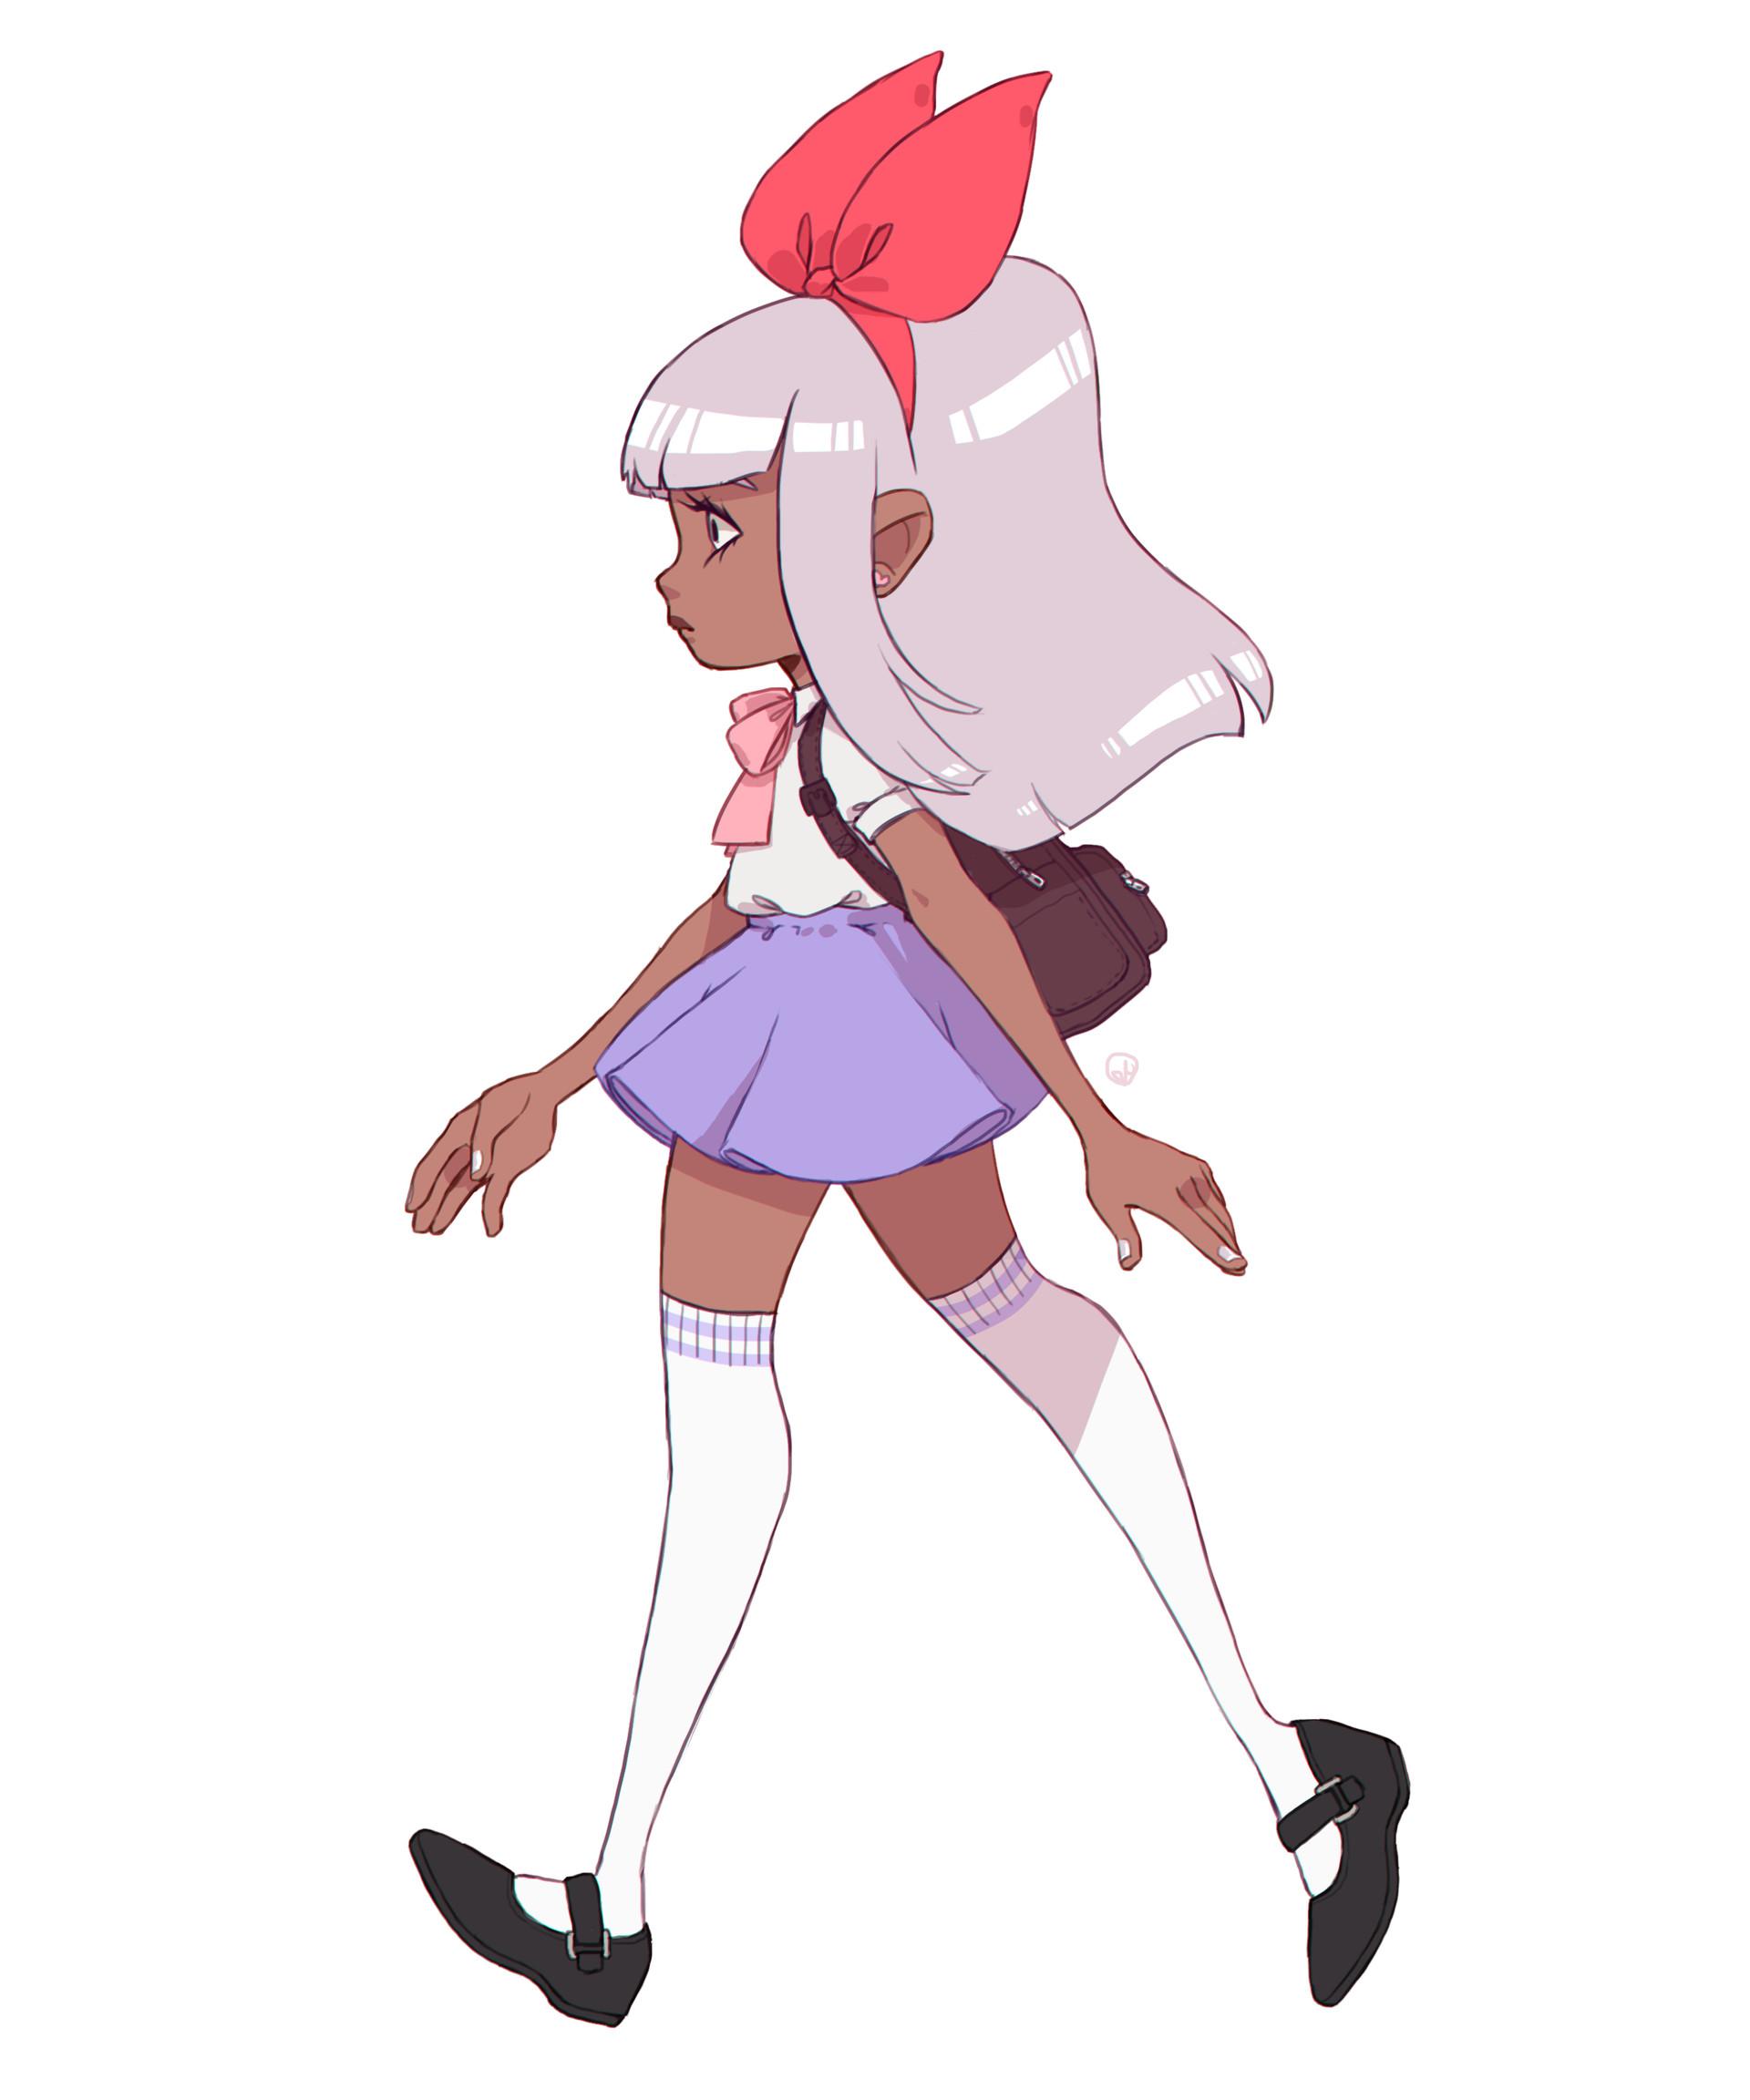 Danielle kruse stroll